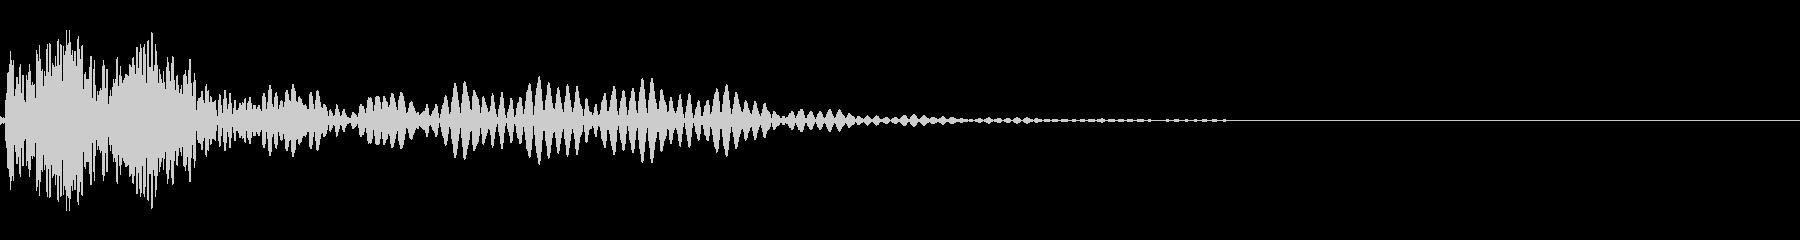 UI/キャンセル/エラー(デデン)の未再生の波形